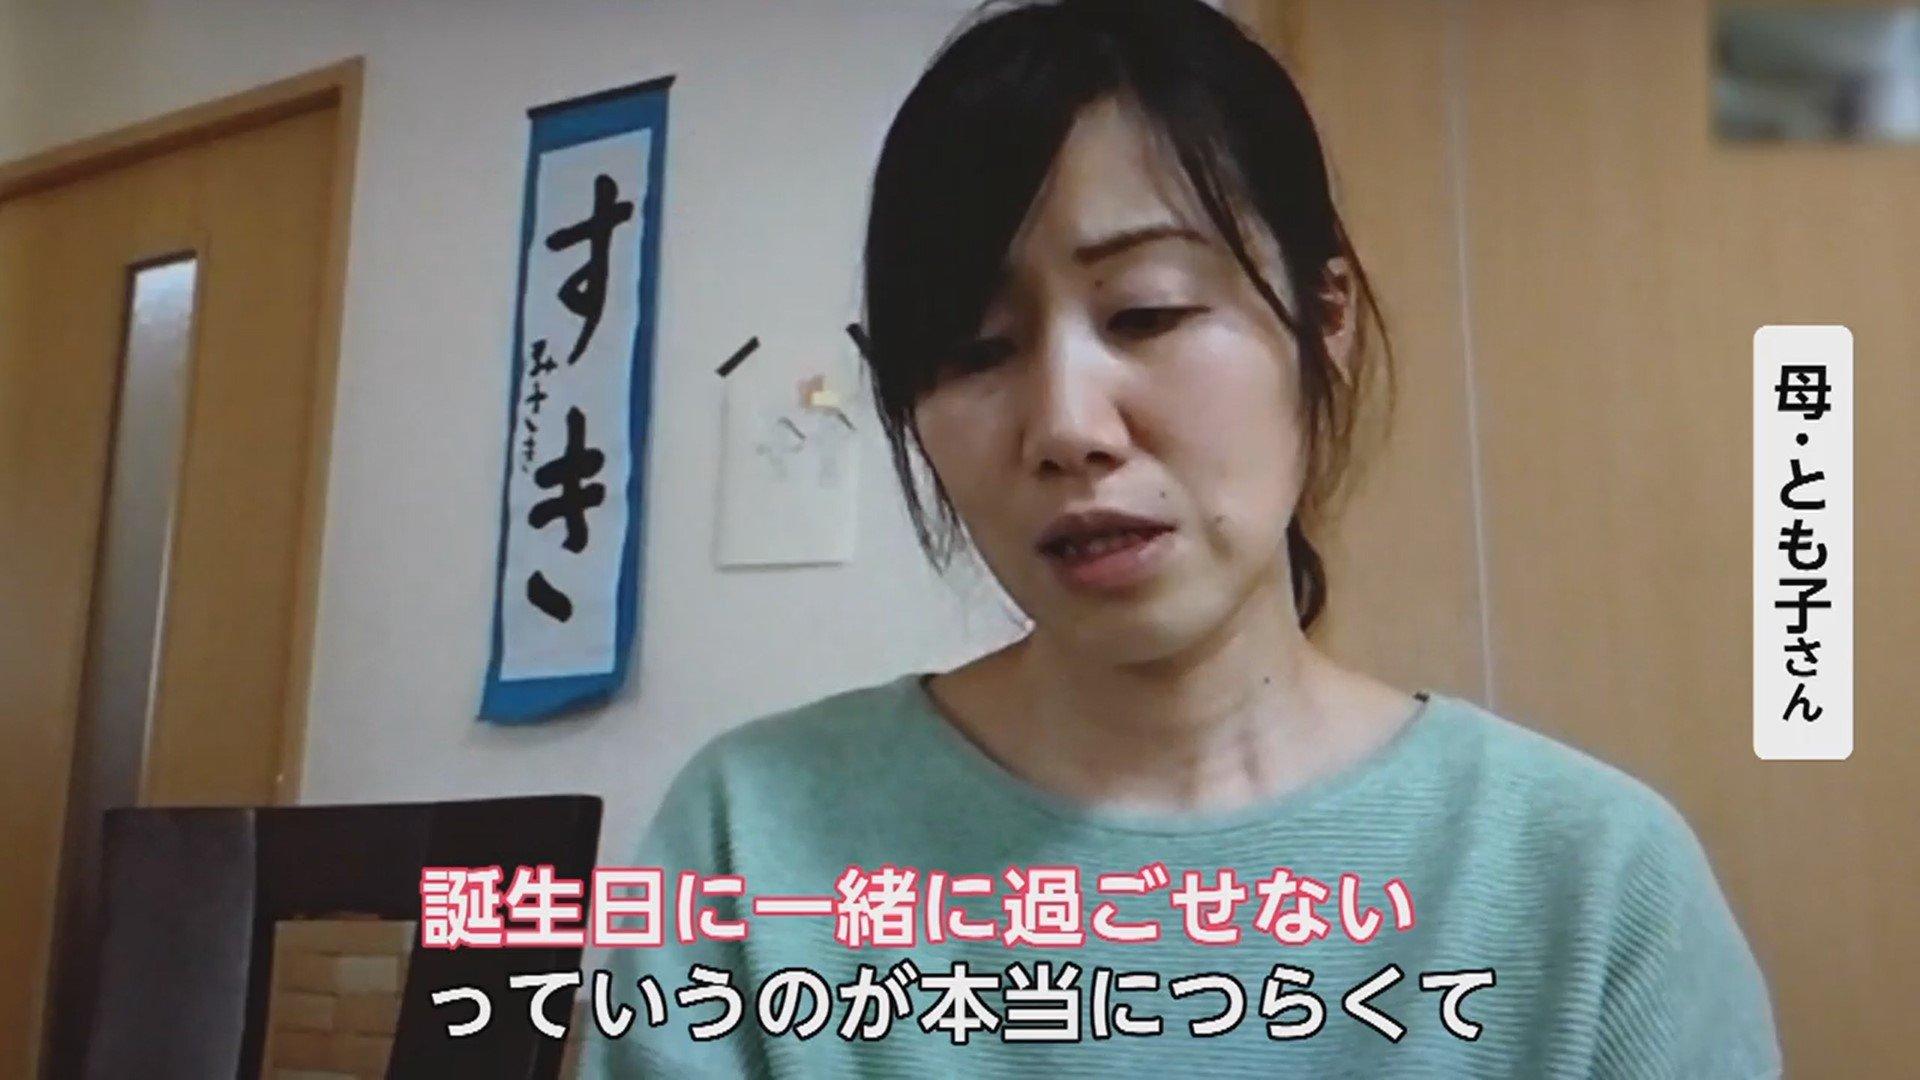 小倉 とも子 さん